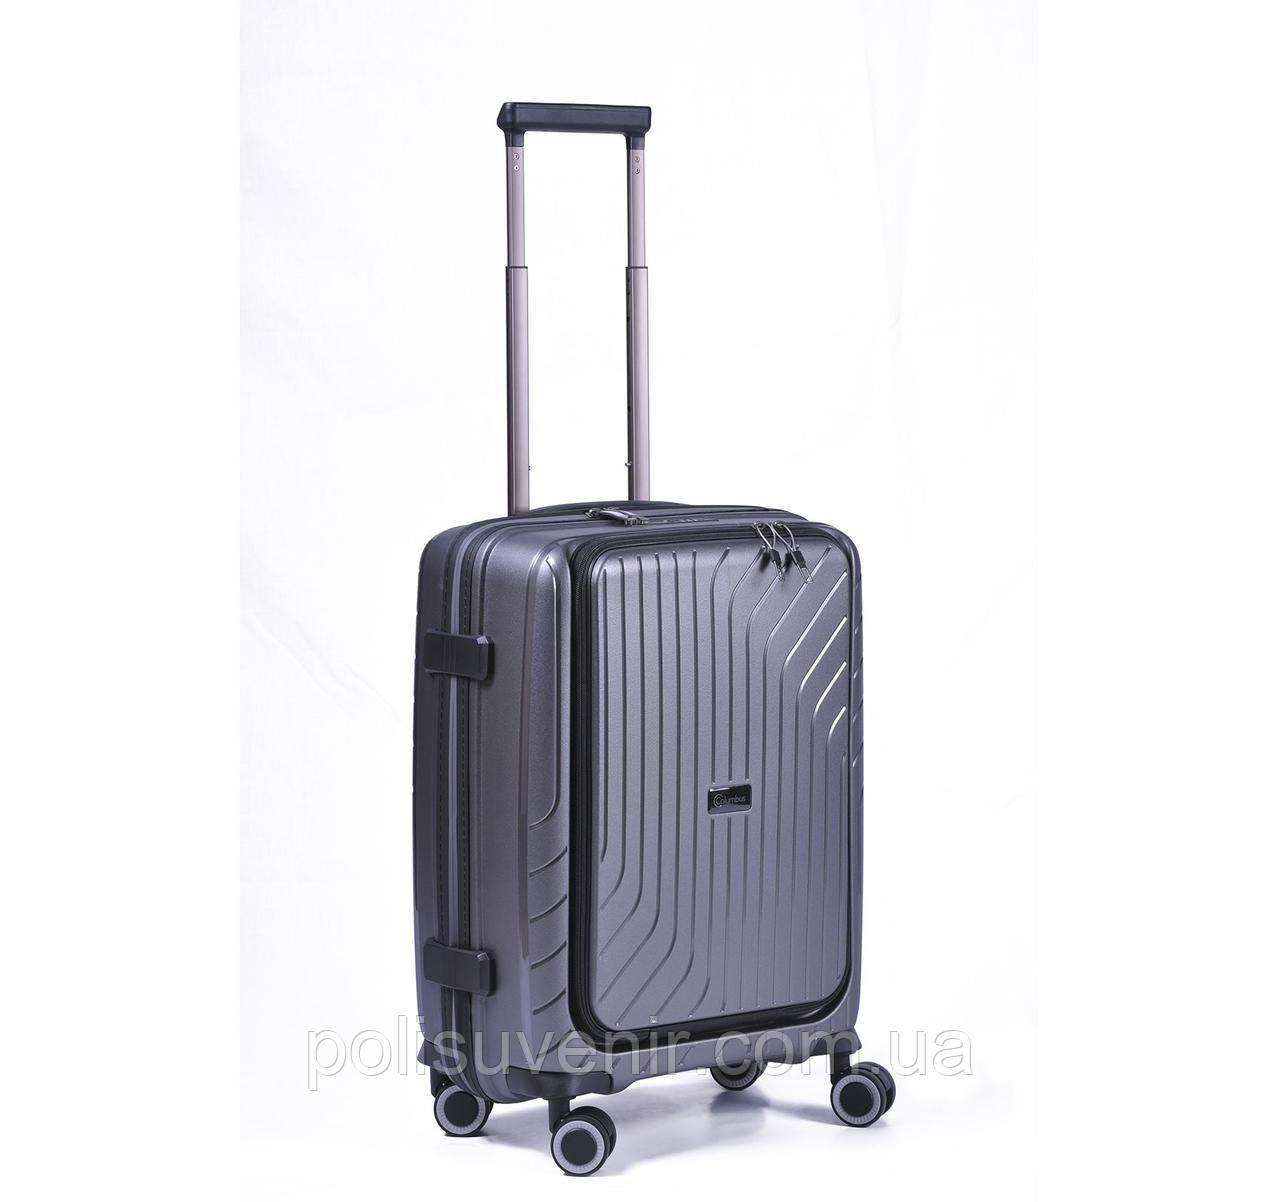 Надлегка дорожня валіза високої якості